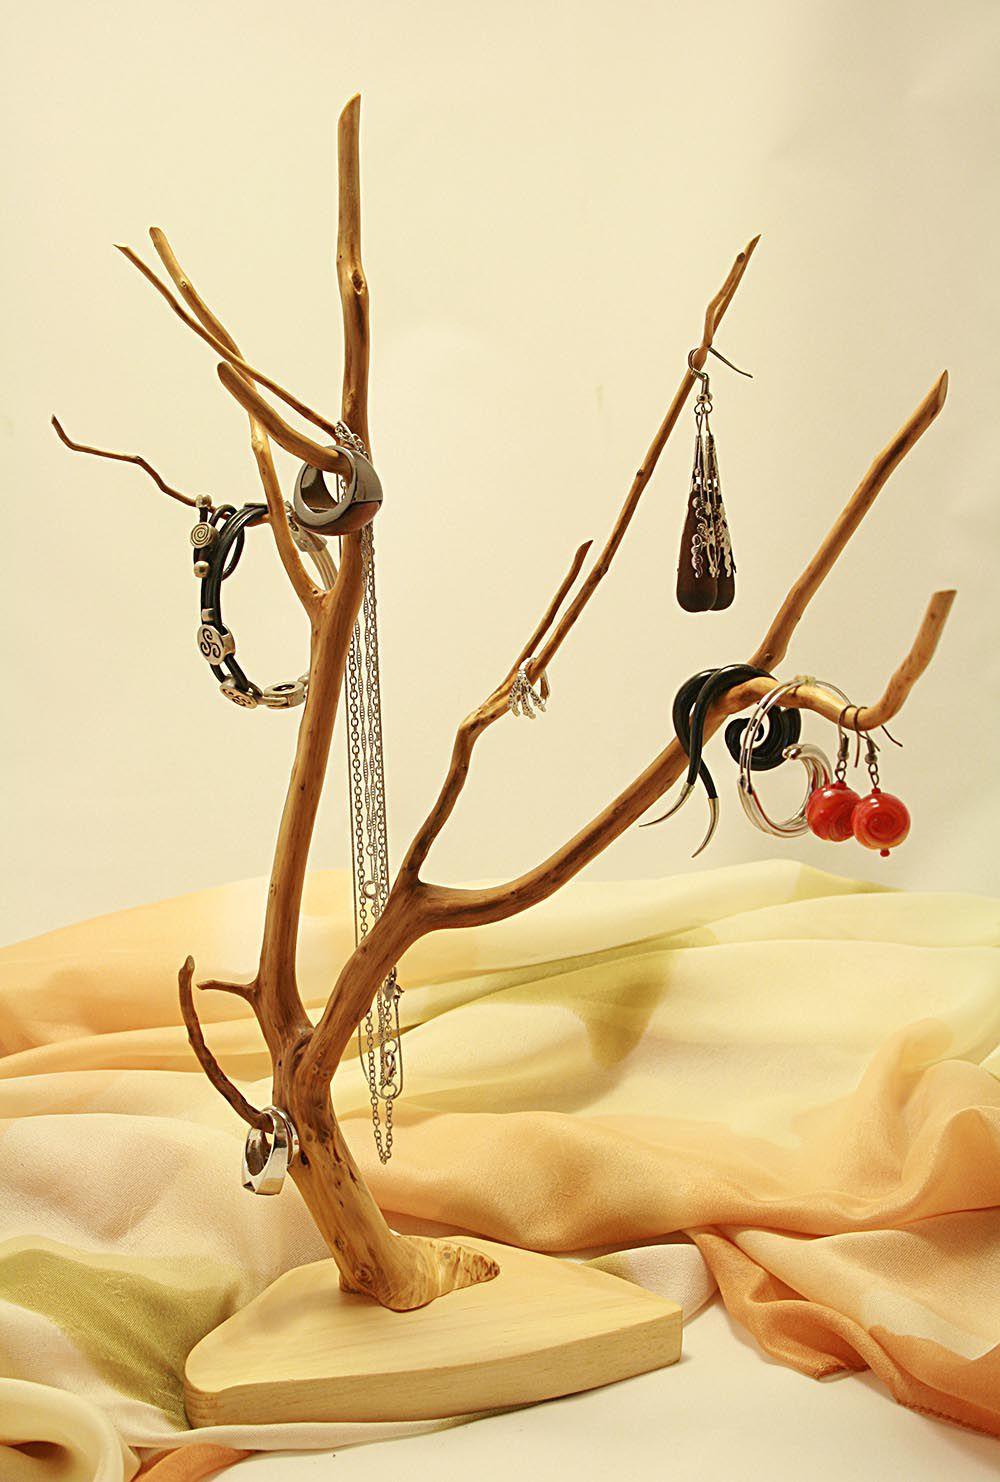 подставка декоративный ручная для украшений натуральные работа сережек украшения материалы колец бижутерия дерево элемент оригинальный подарок